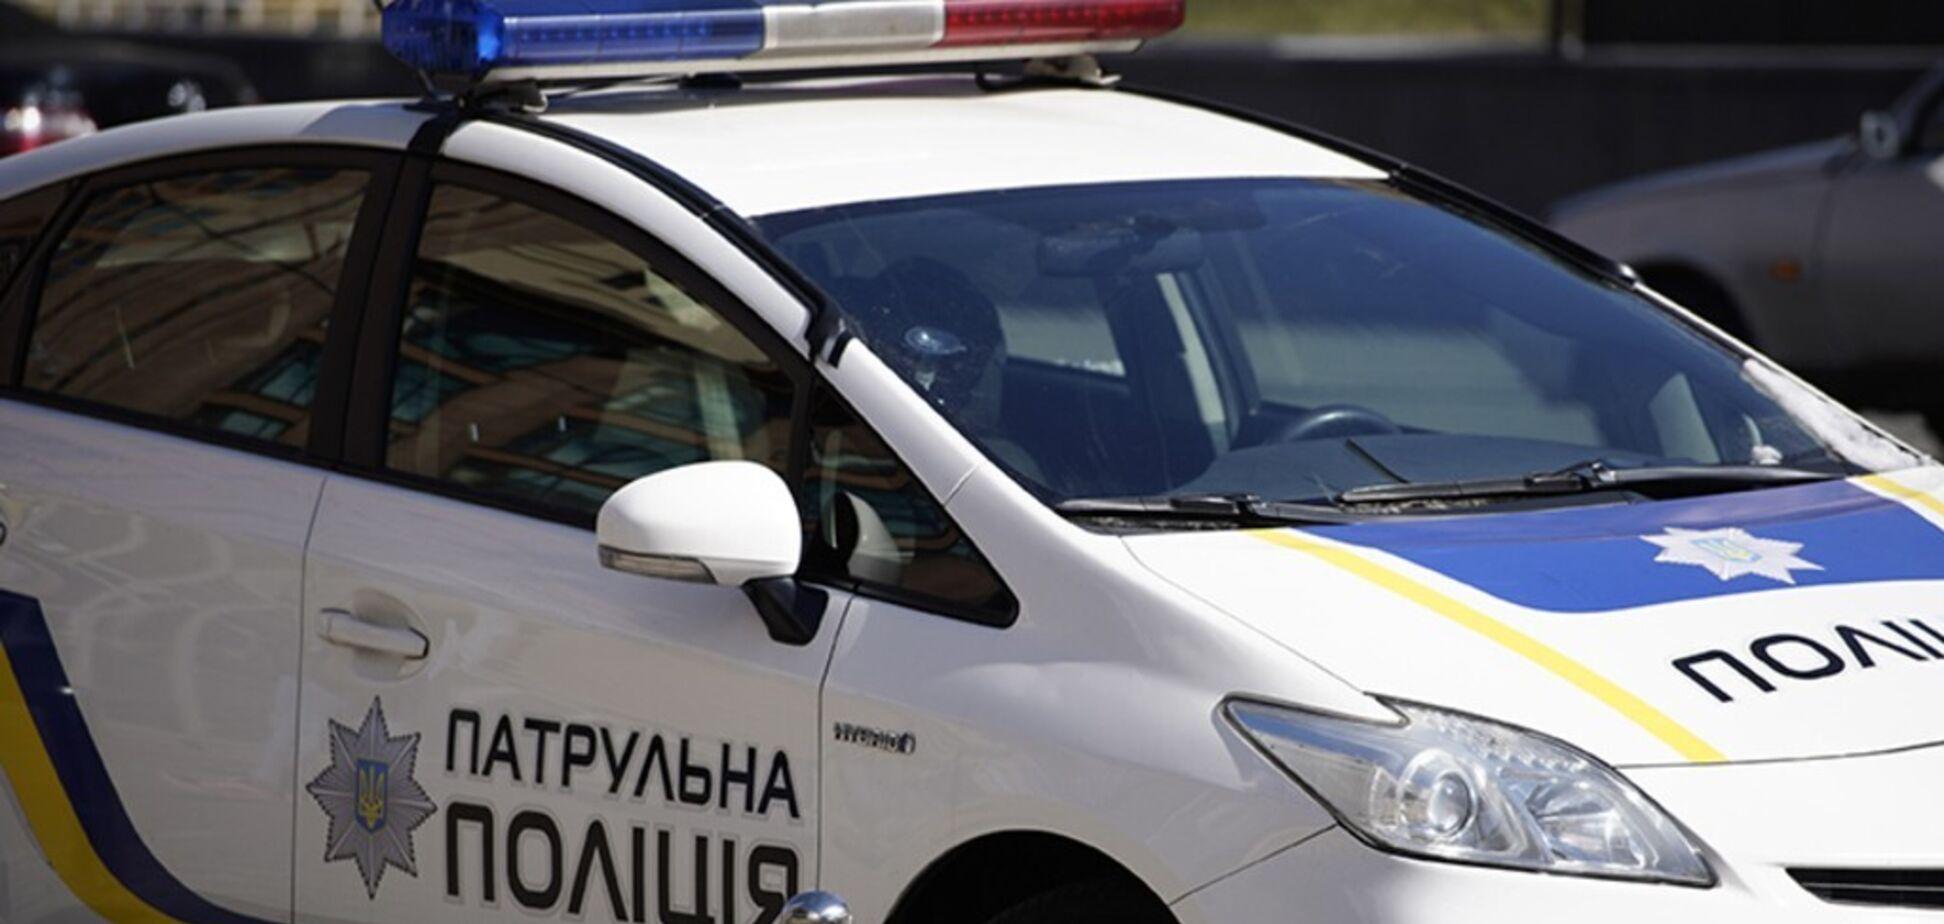 Соседи учуяли трупный запах: Киев взбудоражила загадочная смерть мужчины